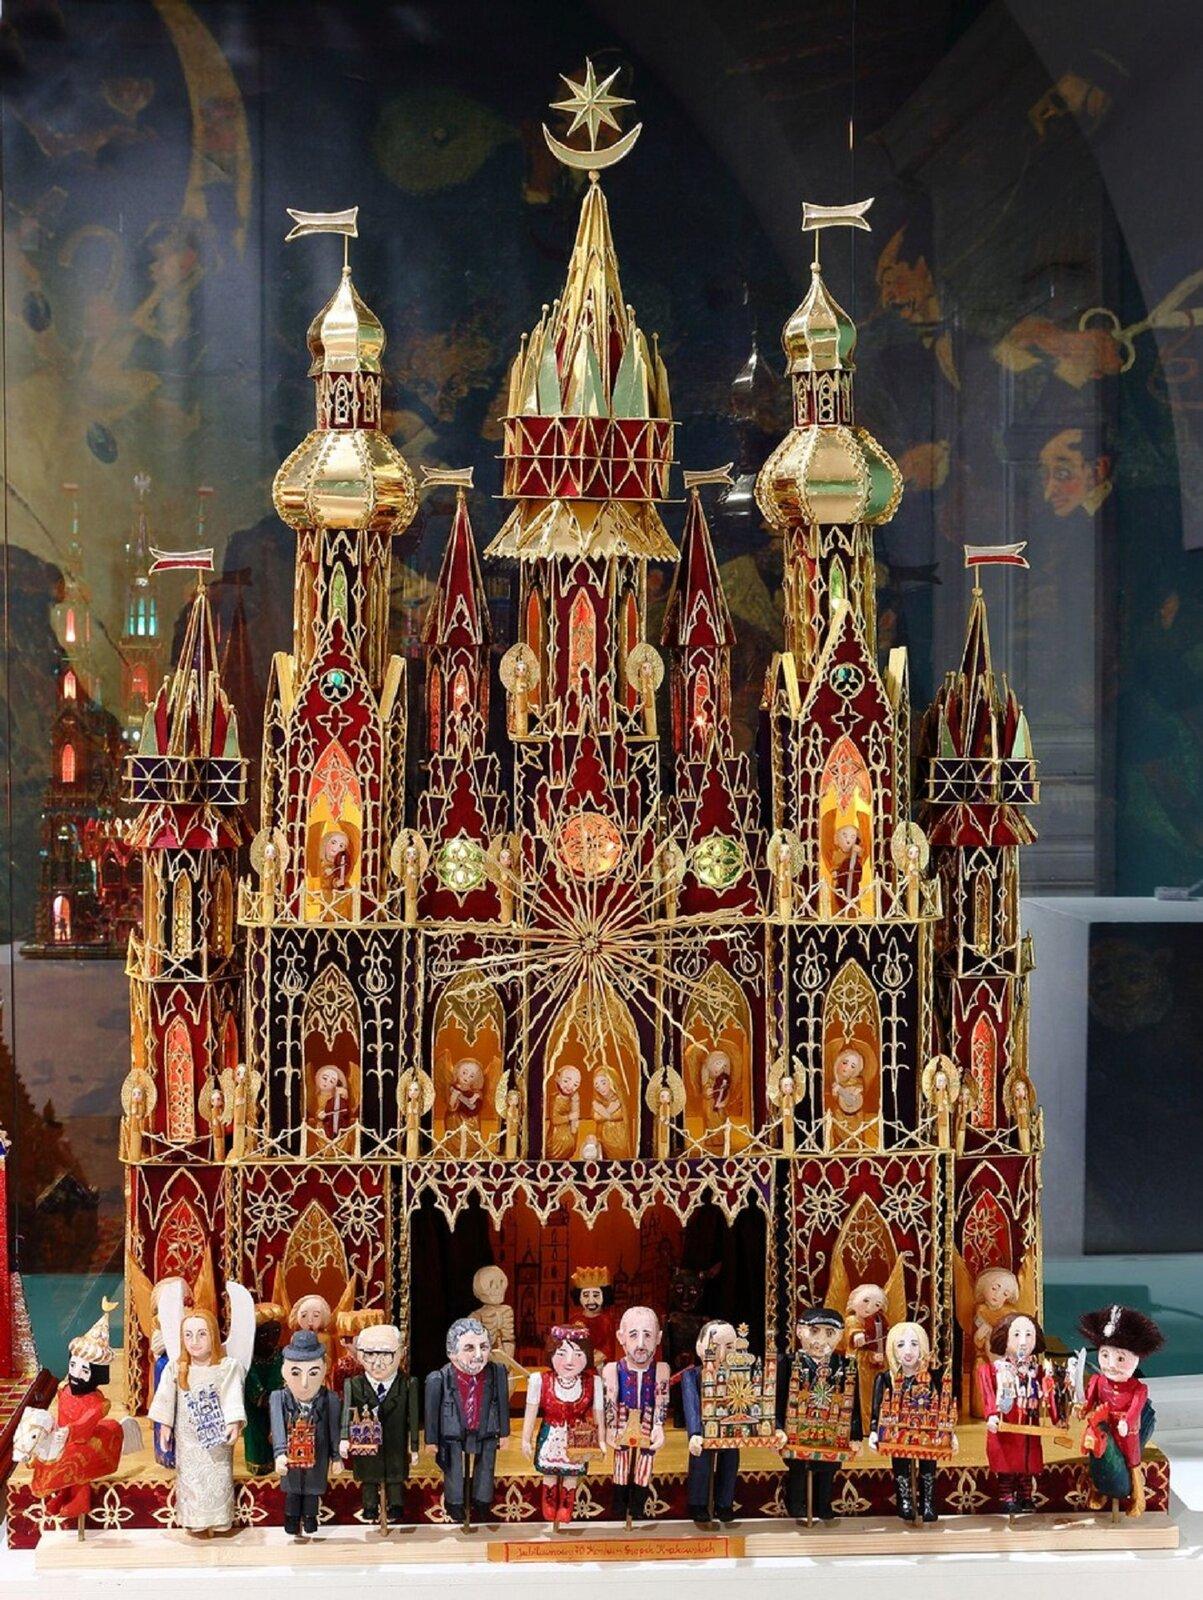 Na zdjęciu szopka bożonarodzeniowa, pochodząca zKrakowa. Szopka podobna jest zdo kościoła zwieżami. Wokienkach umieszczone są figurki. Wgórnych rzędach nieruchome postaci: Jezusa, Maryi, Józefa ianiołów. Wdolnym rzędzie ruchome postaci mieszkańców Krakowa, niektórzy znich niosą wdarze mniejsze szopki.